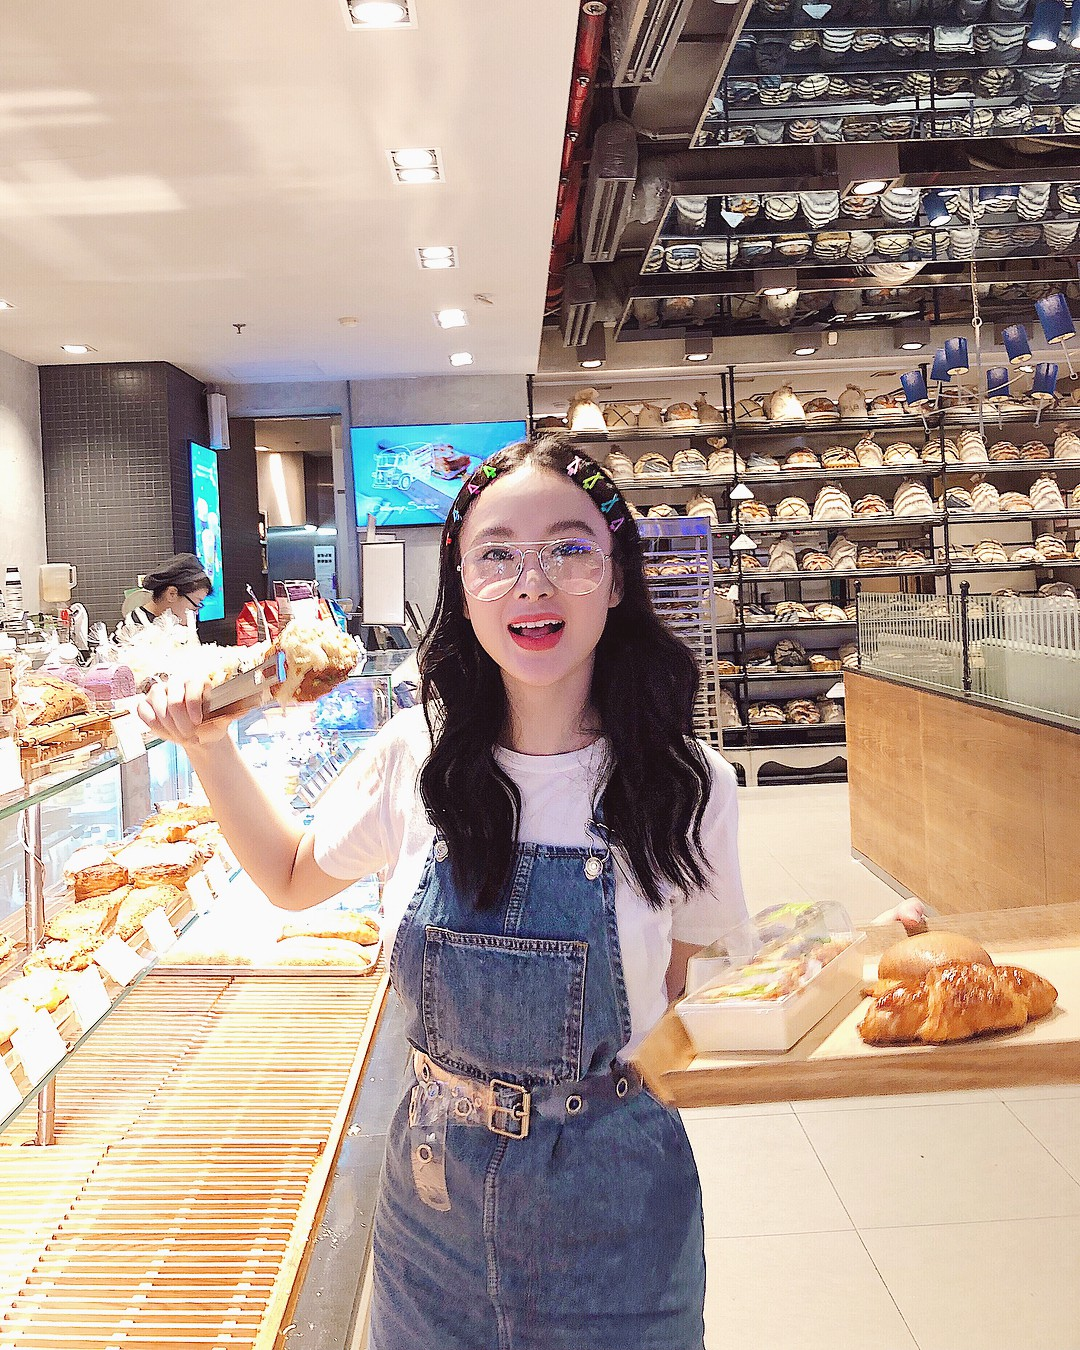 Kẹp tóc màu sắc từ thời ơ kìa bỗng hot trở lại, hot girl Hàn - Việt đều thi nhau dùng - Ảnh 5.